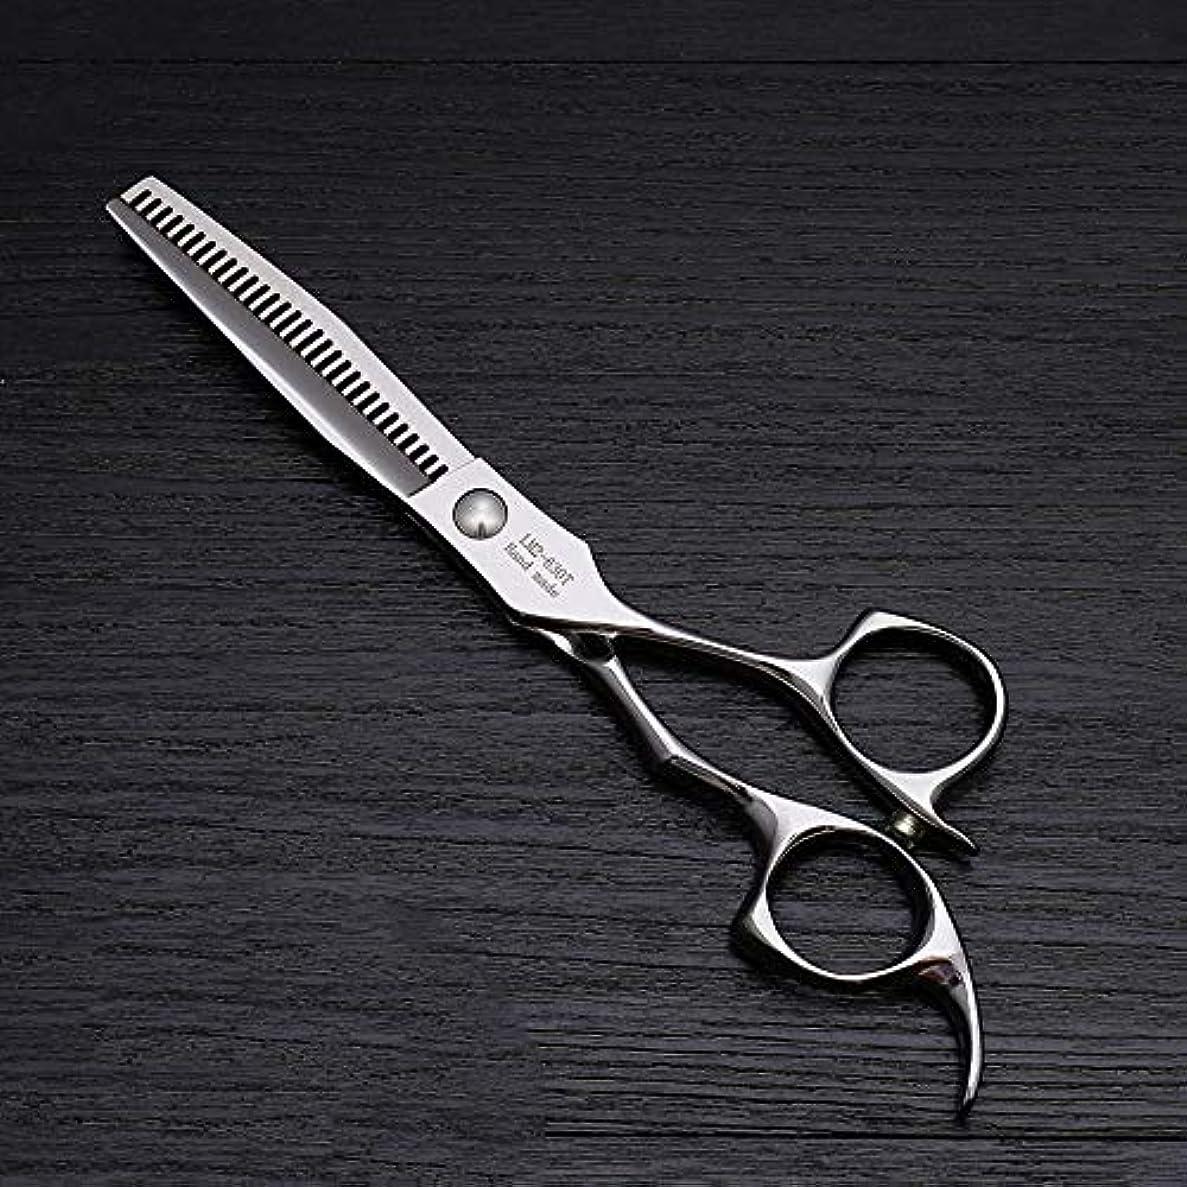 を必要としています自動車維持6インチのステンレス鋼の理髪はさみ、美容院の毛の切断用具 モデリングツール (色 : Silver)